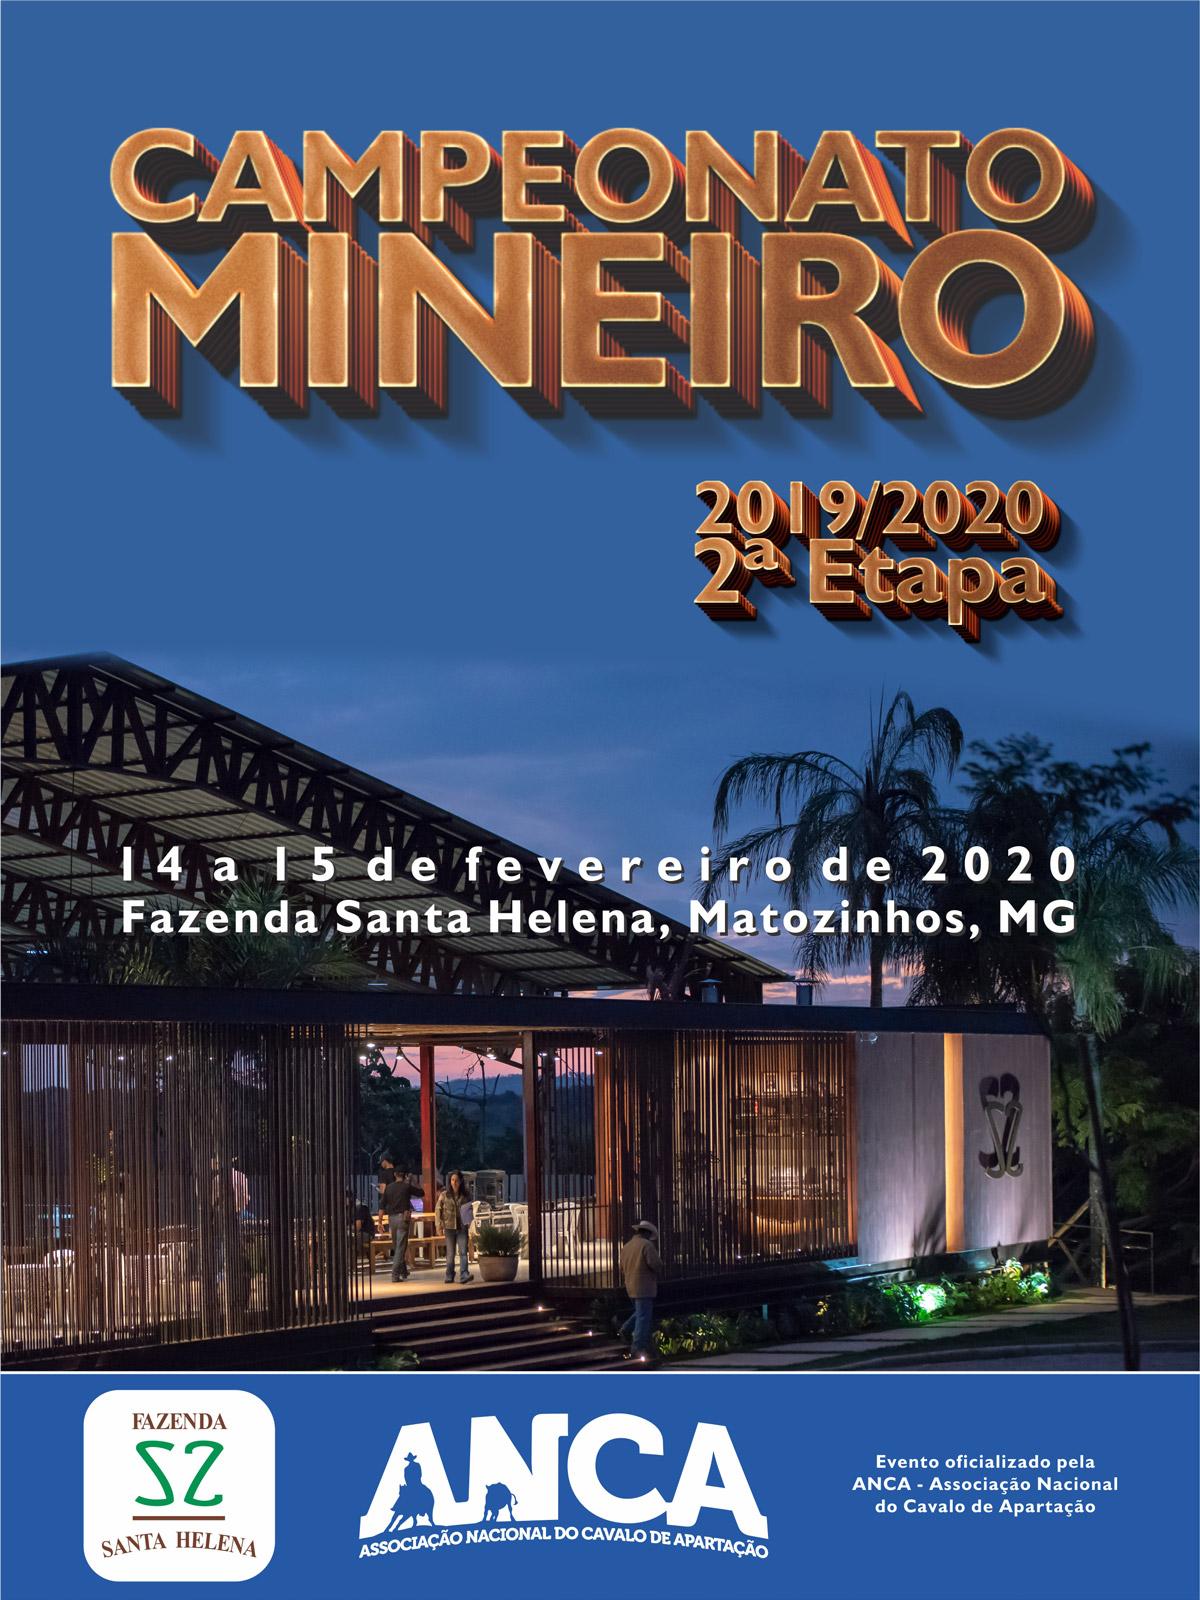 Campeonato Mineiro 2019/2020 - 2ª Etapa